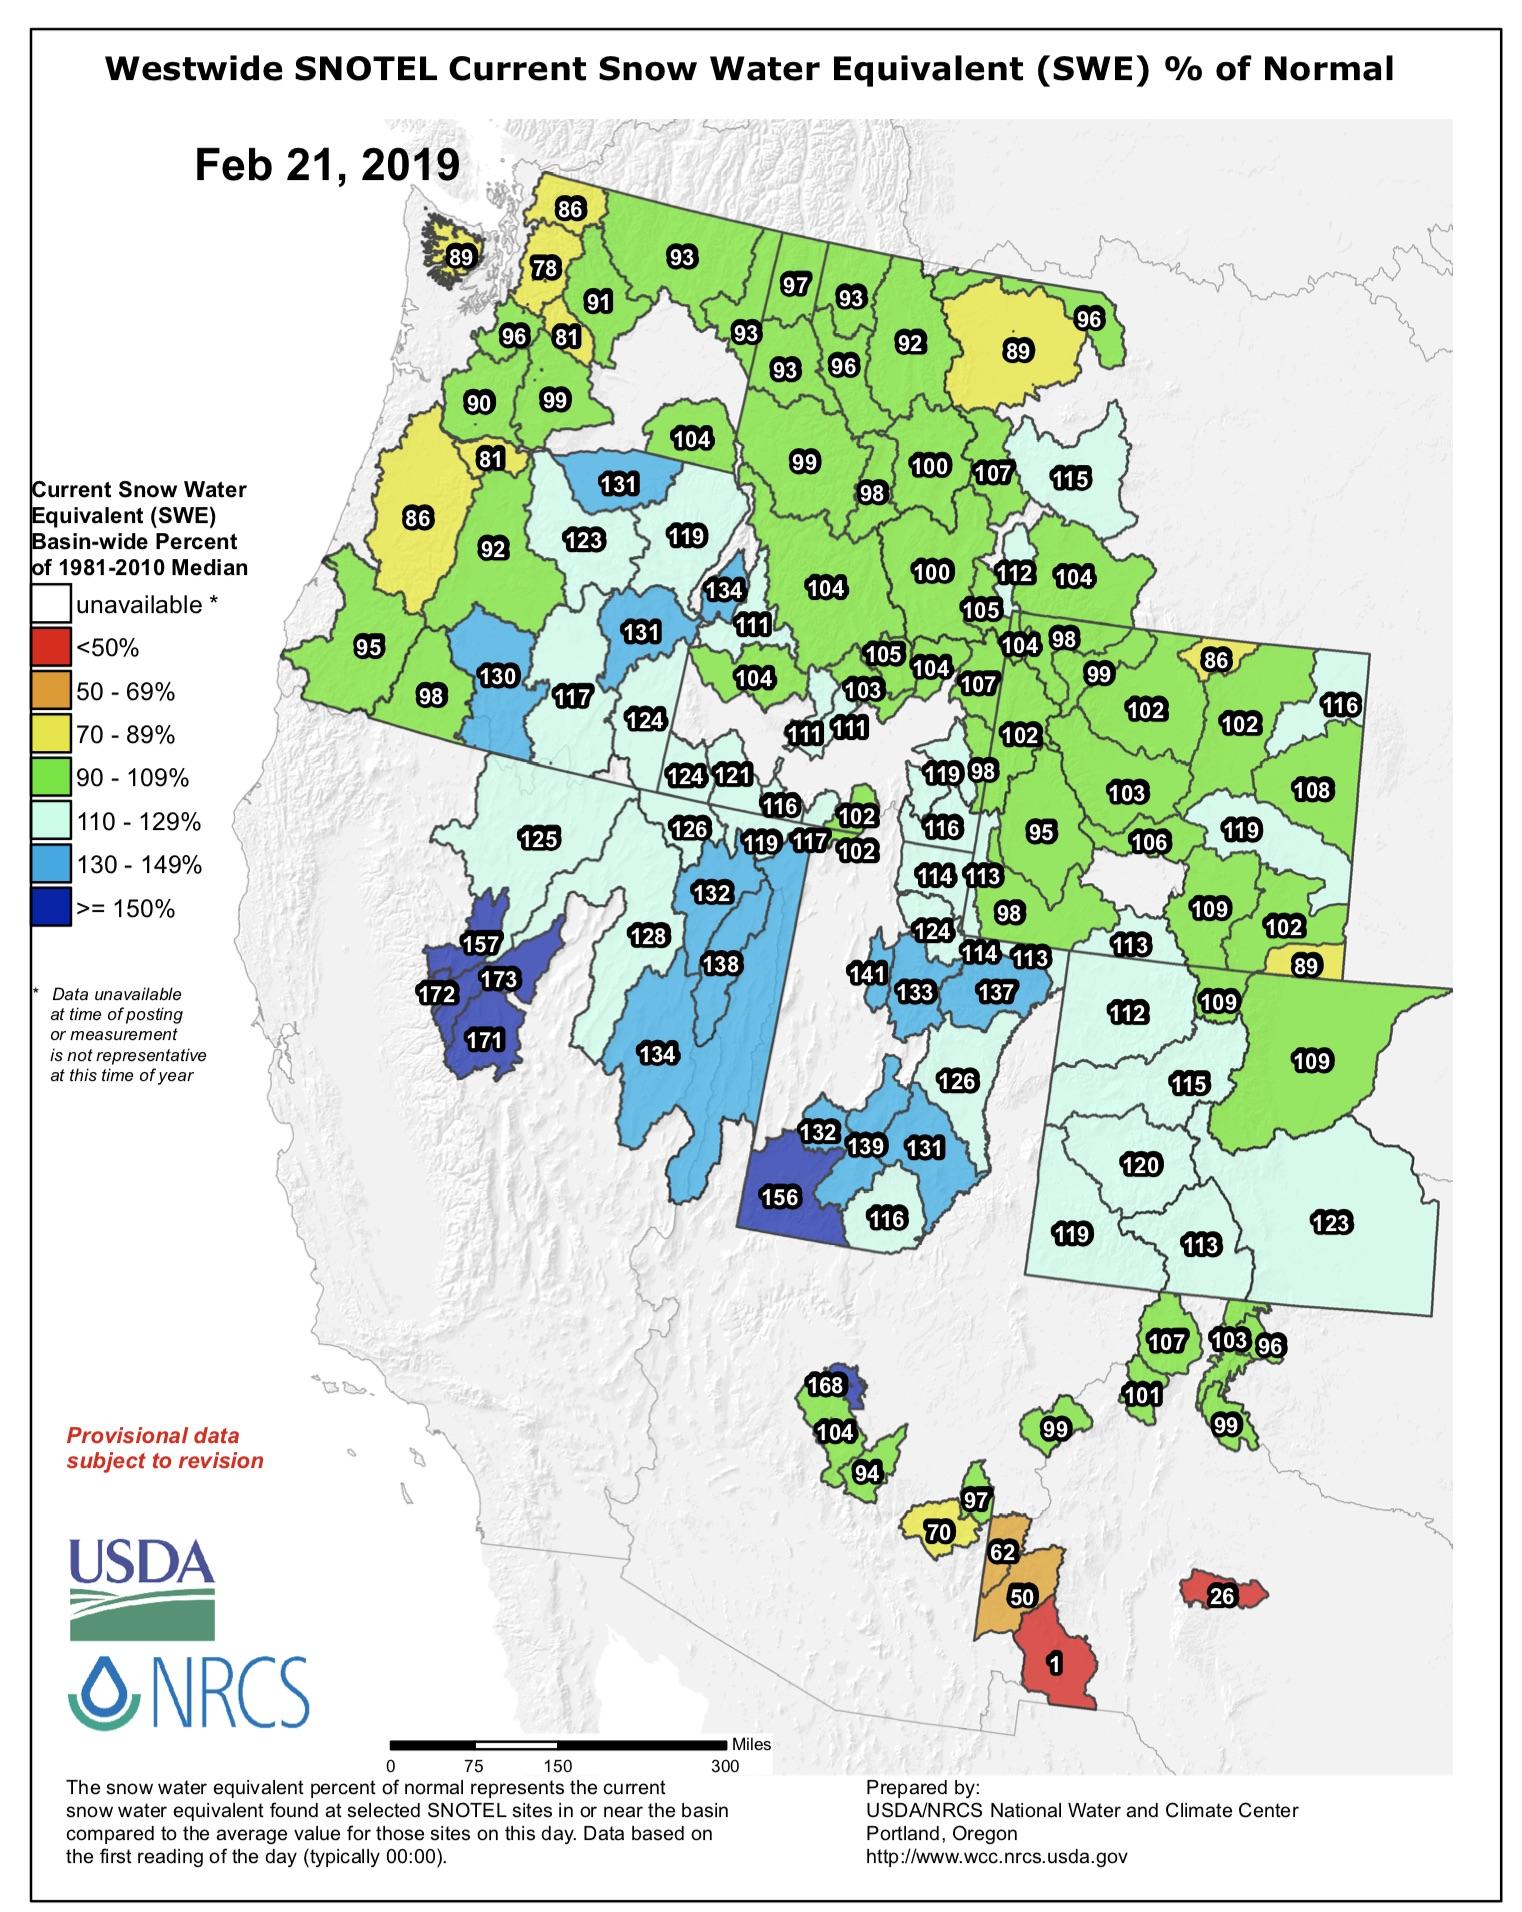 https___www_wcc_nrcs_usda_gov_ftpref_data_water_wcs_gis_maps_west_swepctnormal_update_pdf.jpg